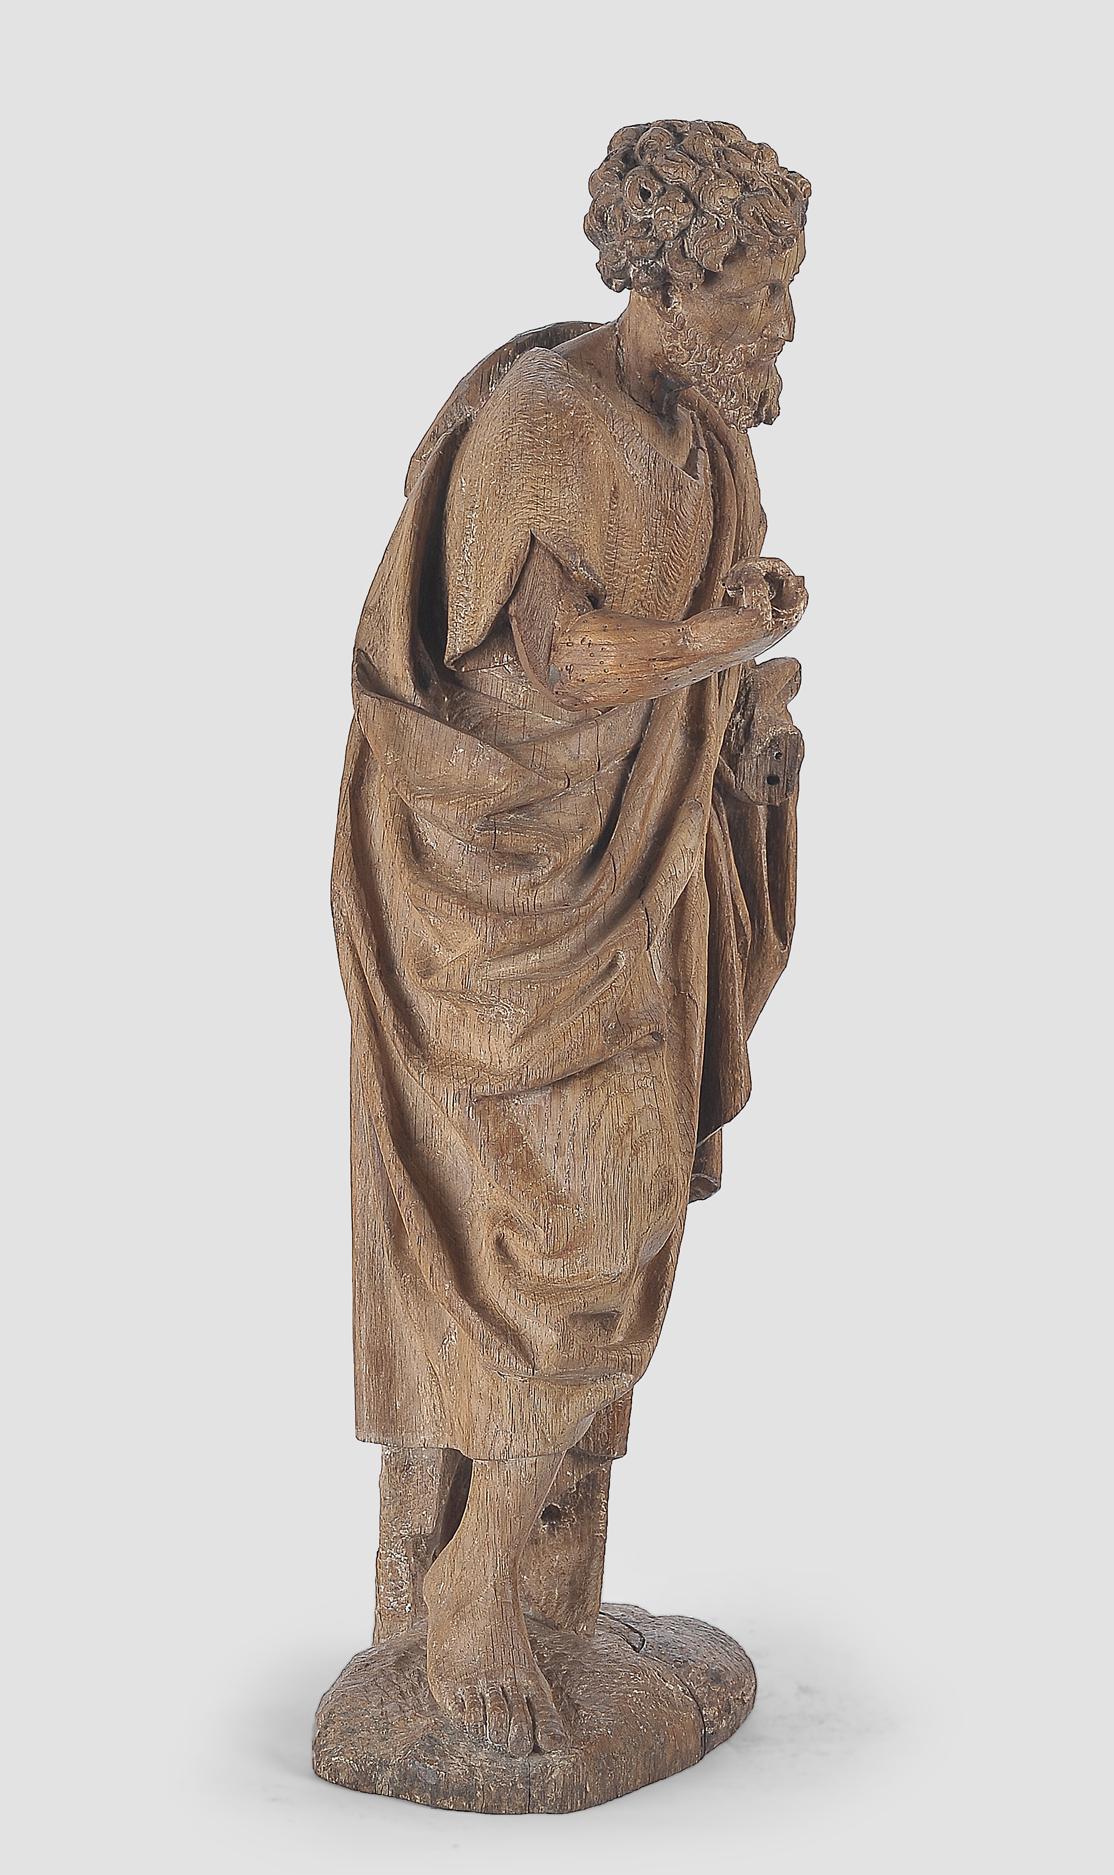 Heiliger Johannes der Täufer, Flämisch um 1500, Eichenholz - Image 4 of 6